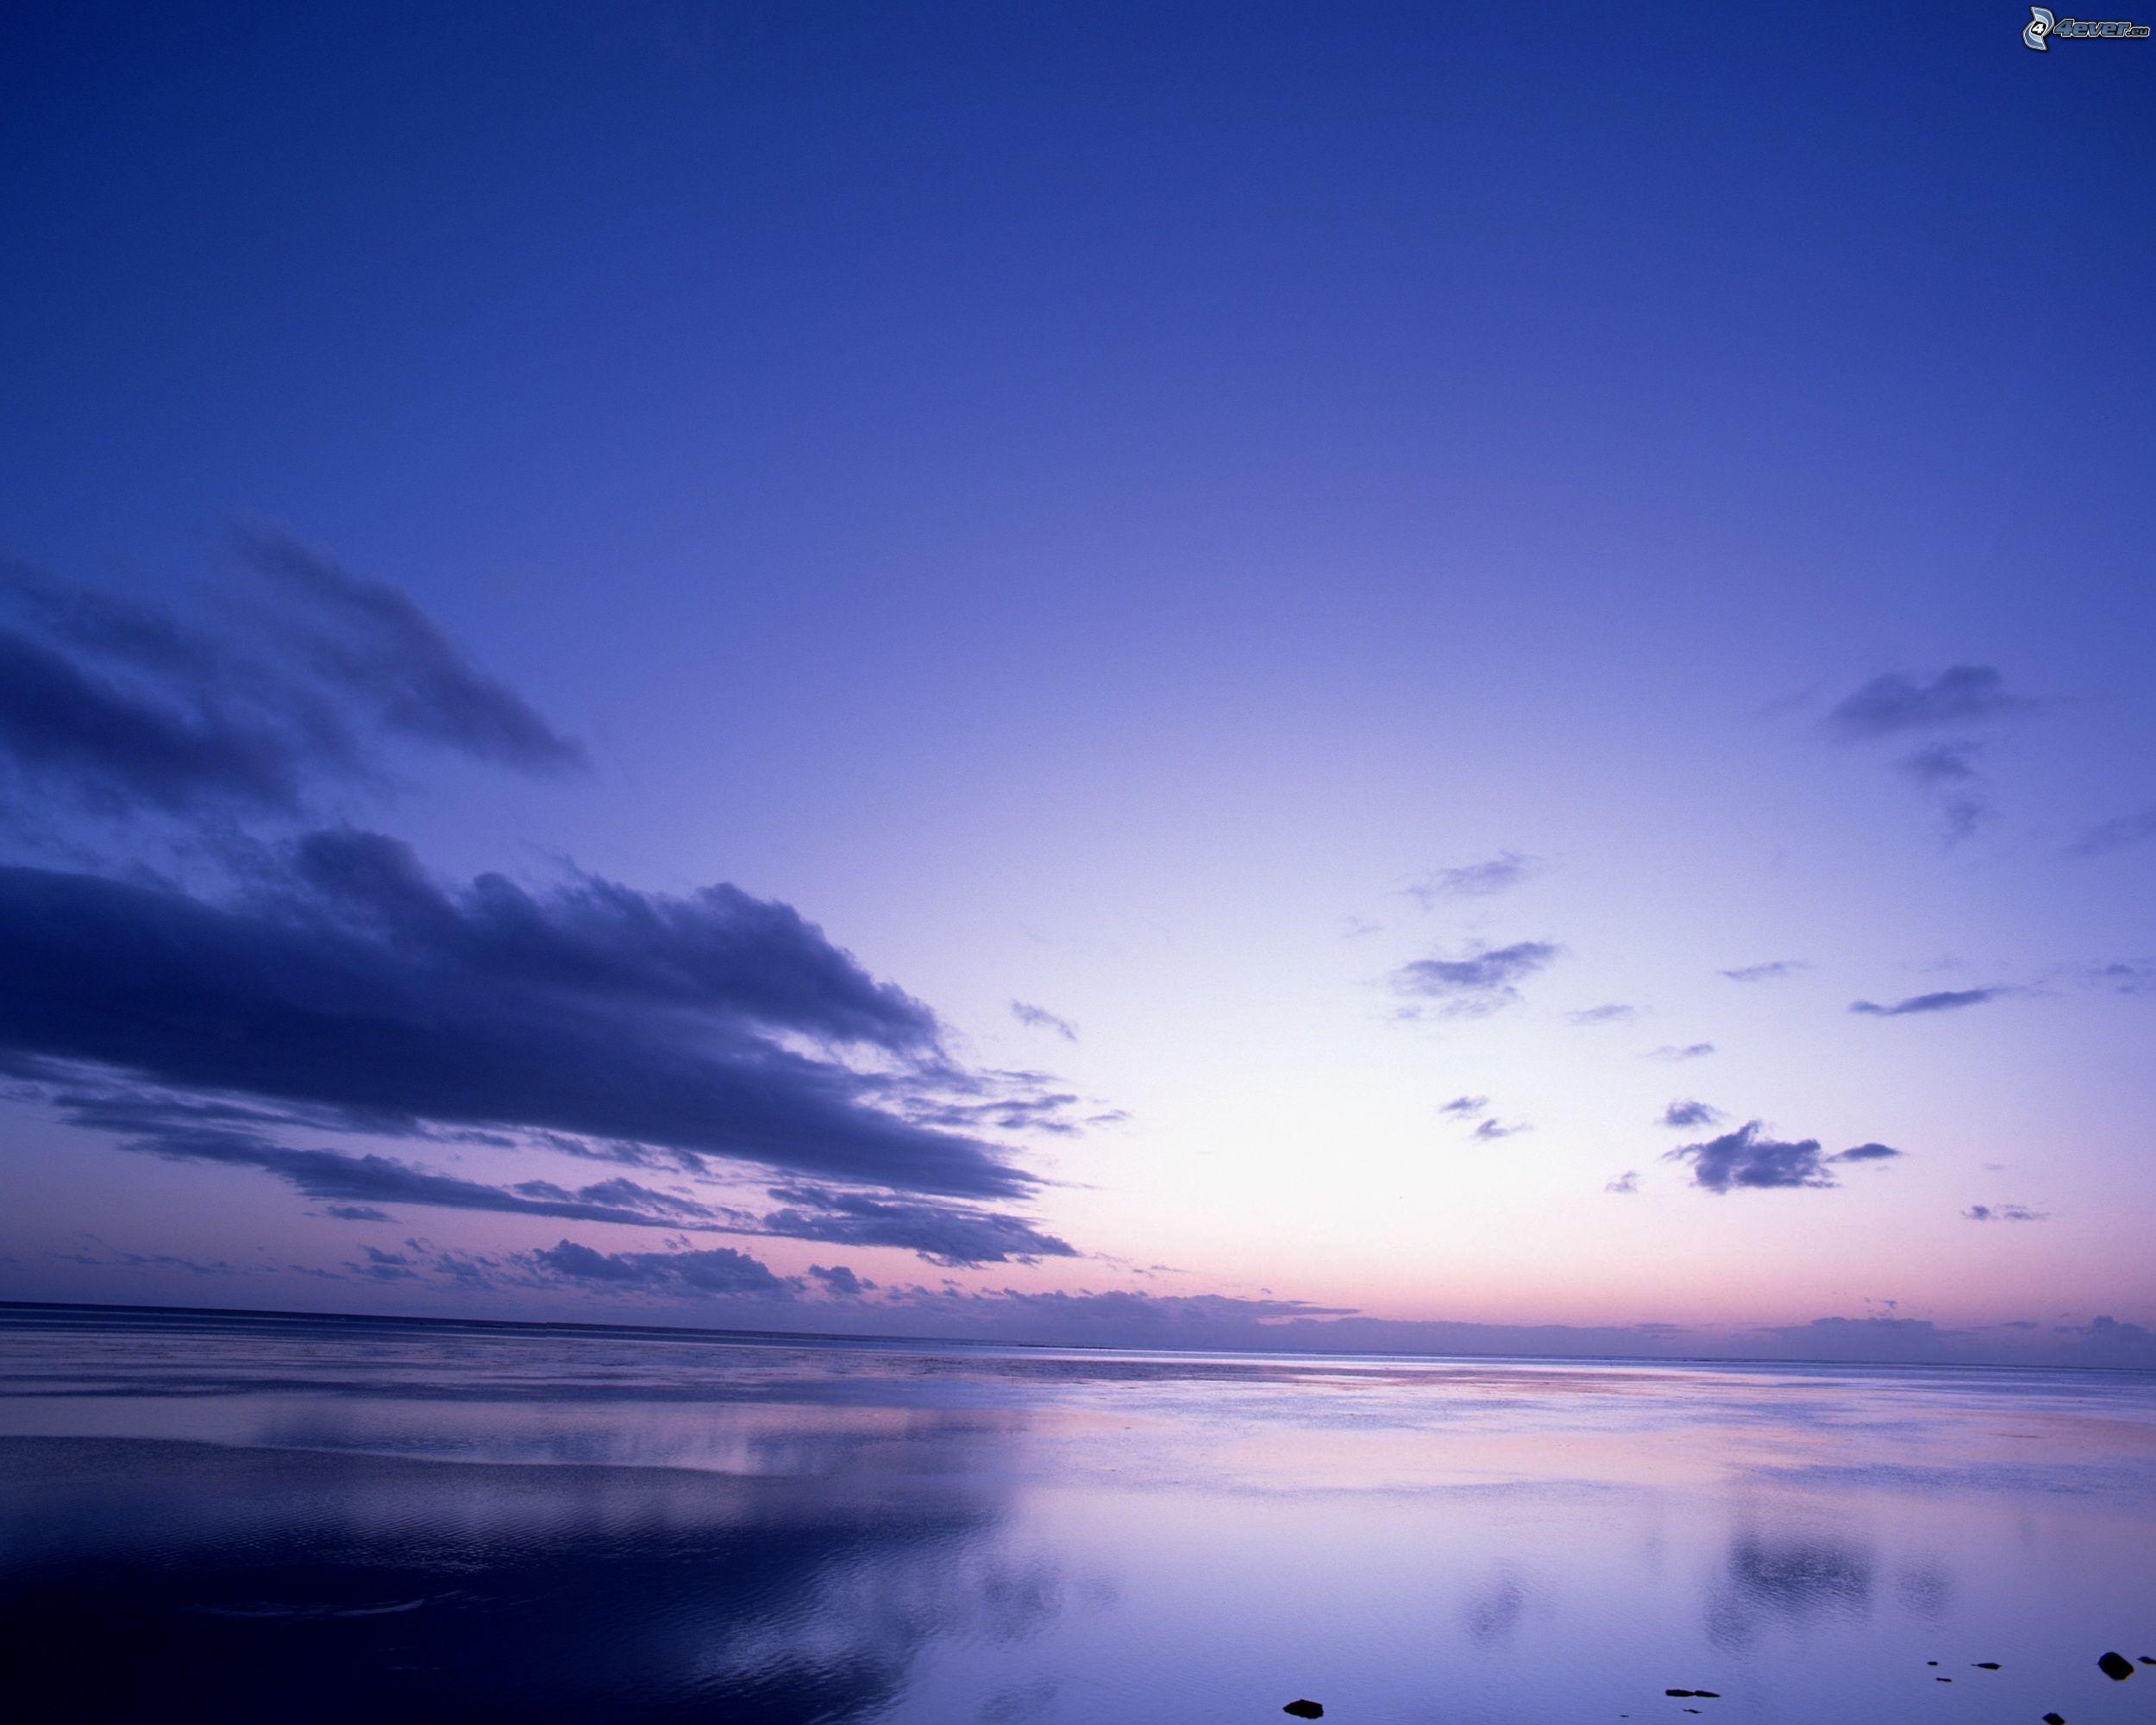 Déclin sociétal, effondrement émotionnel ? Ciel-bleu,-nuages,-mer,-ocean,-surface-de-leau-calme-125101